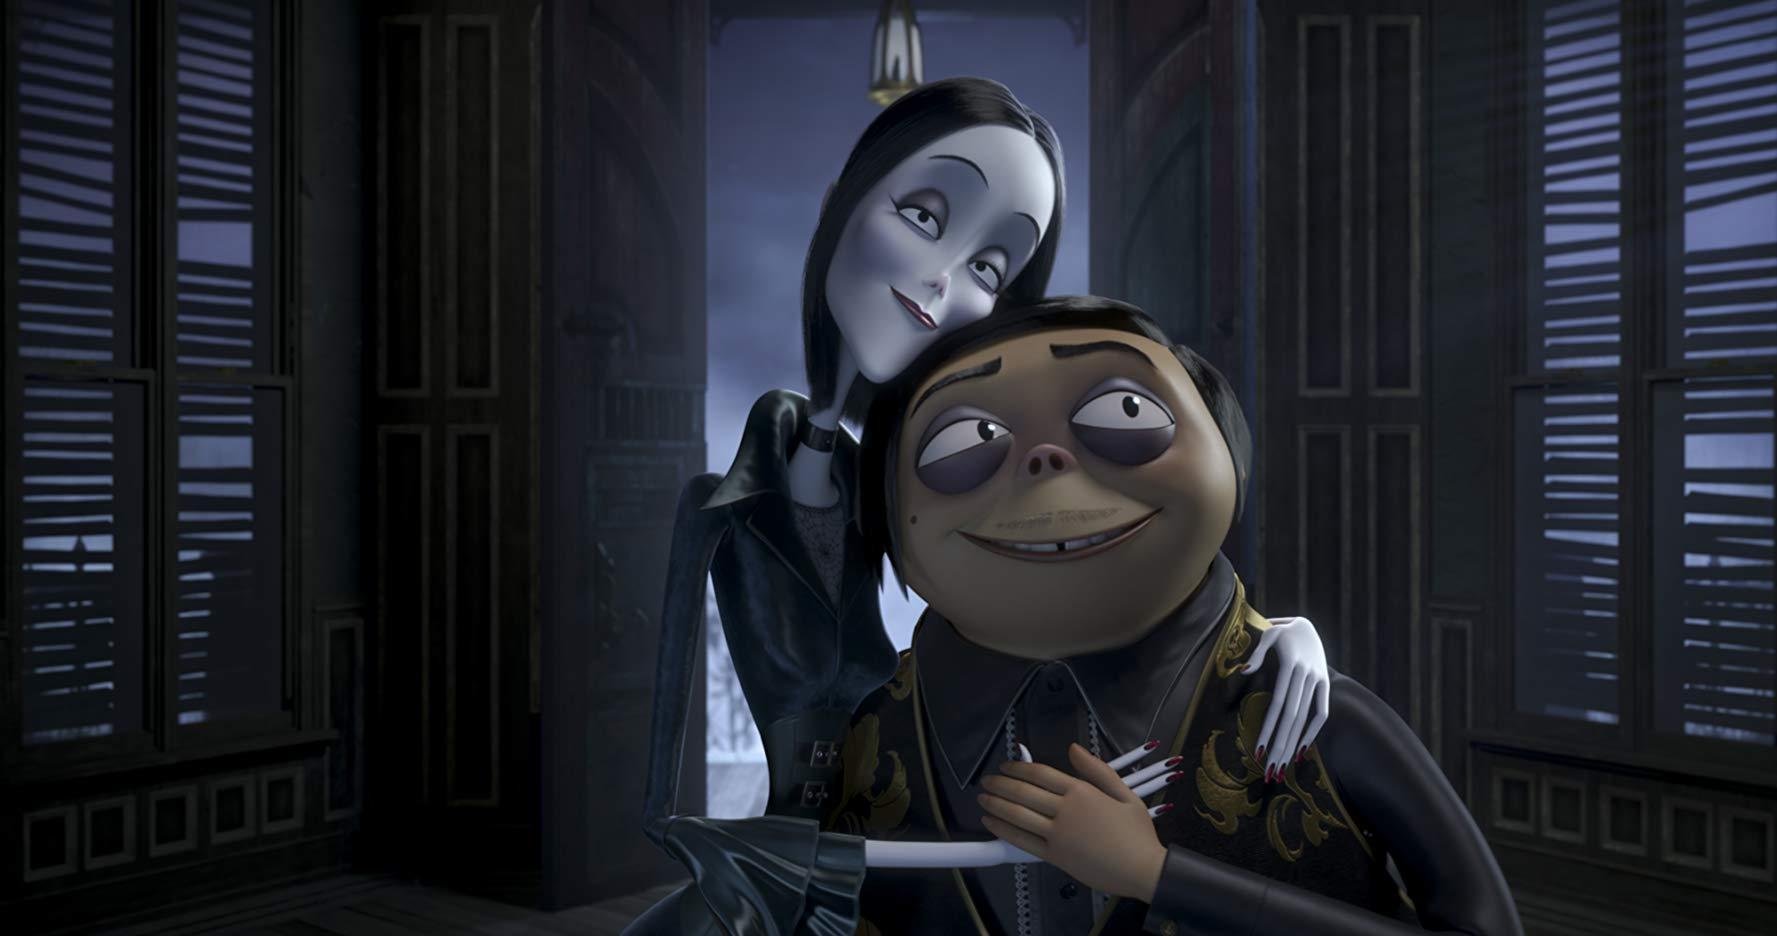 Reseña de la película Los Locos Addams - The Addams Family (2019)